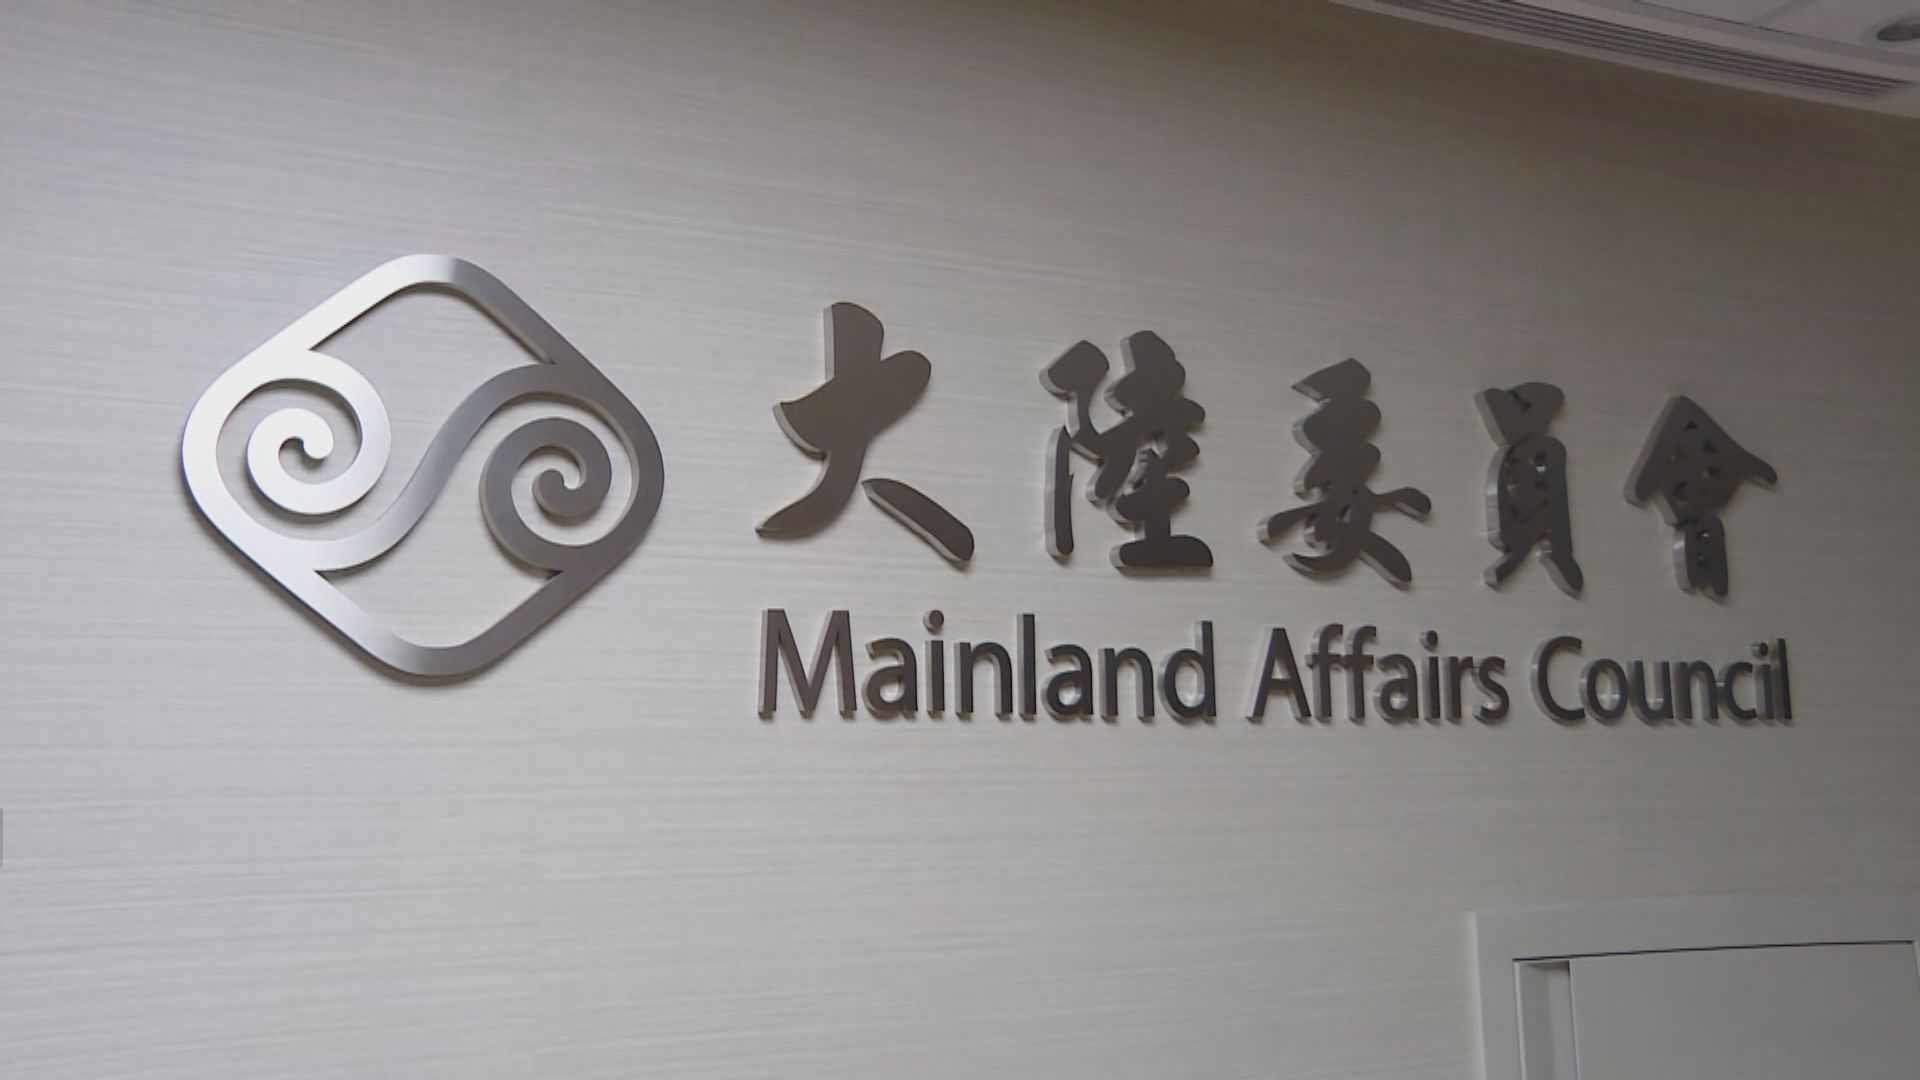 陸委會:七名駐港辦人員已返台 將調整駐港辦業務